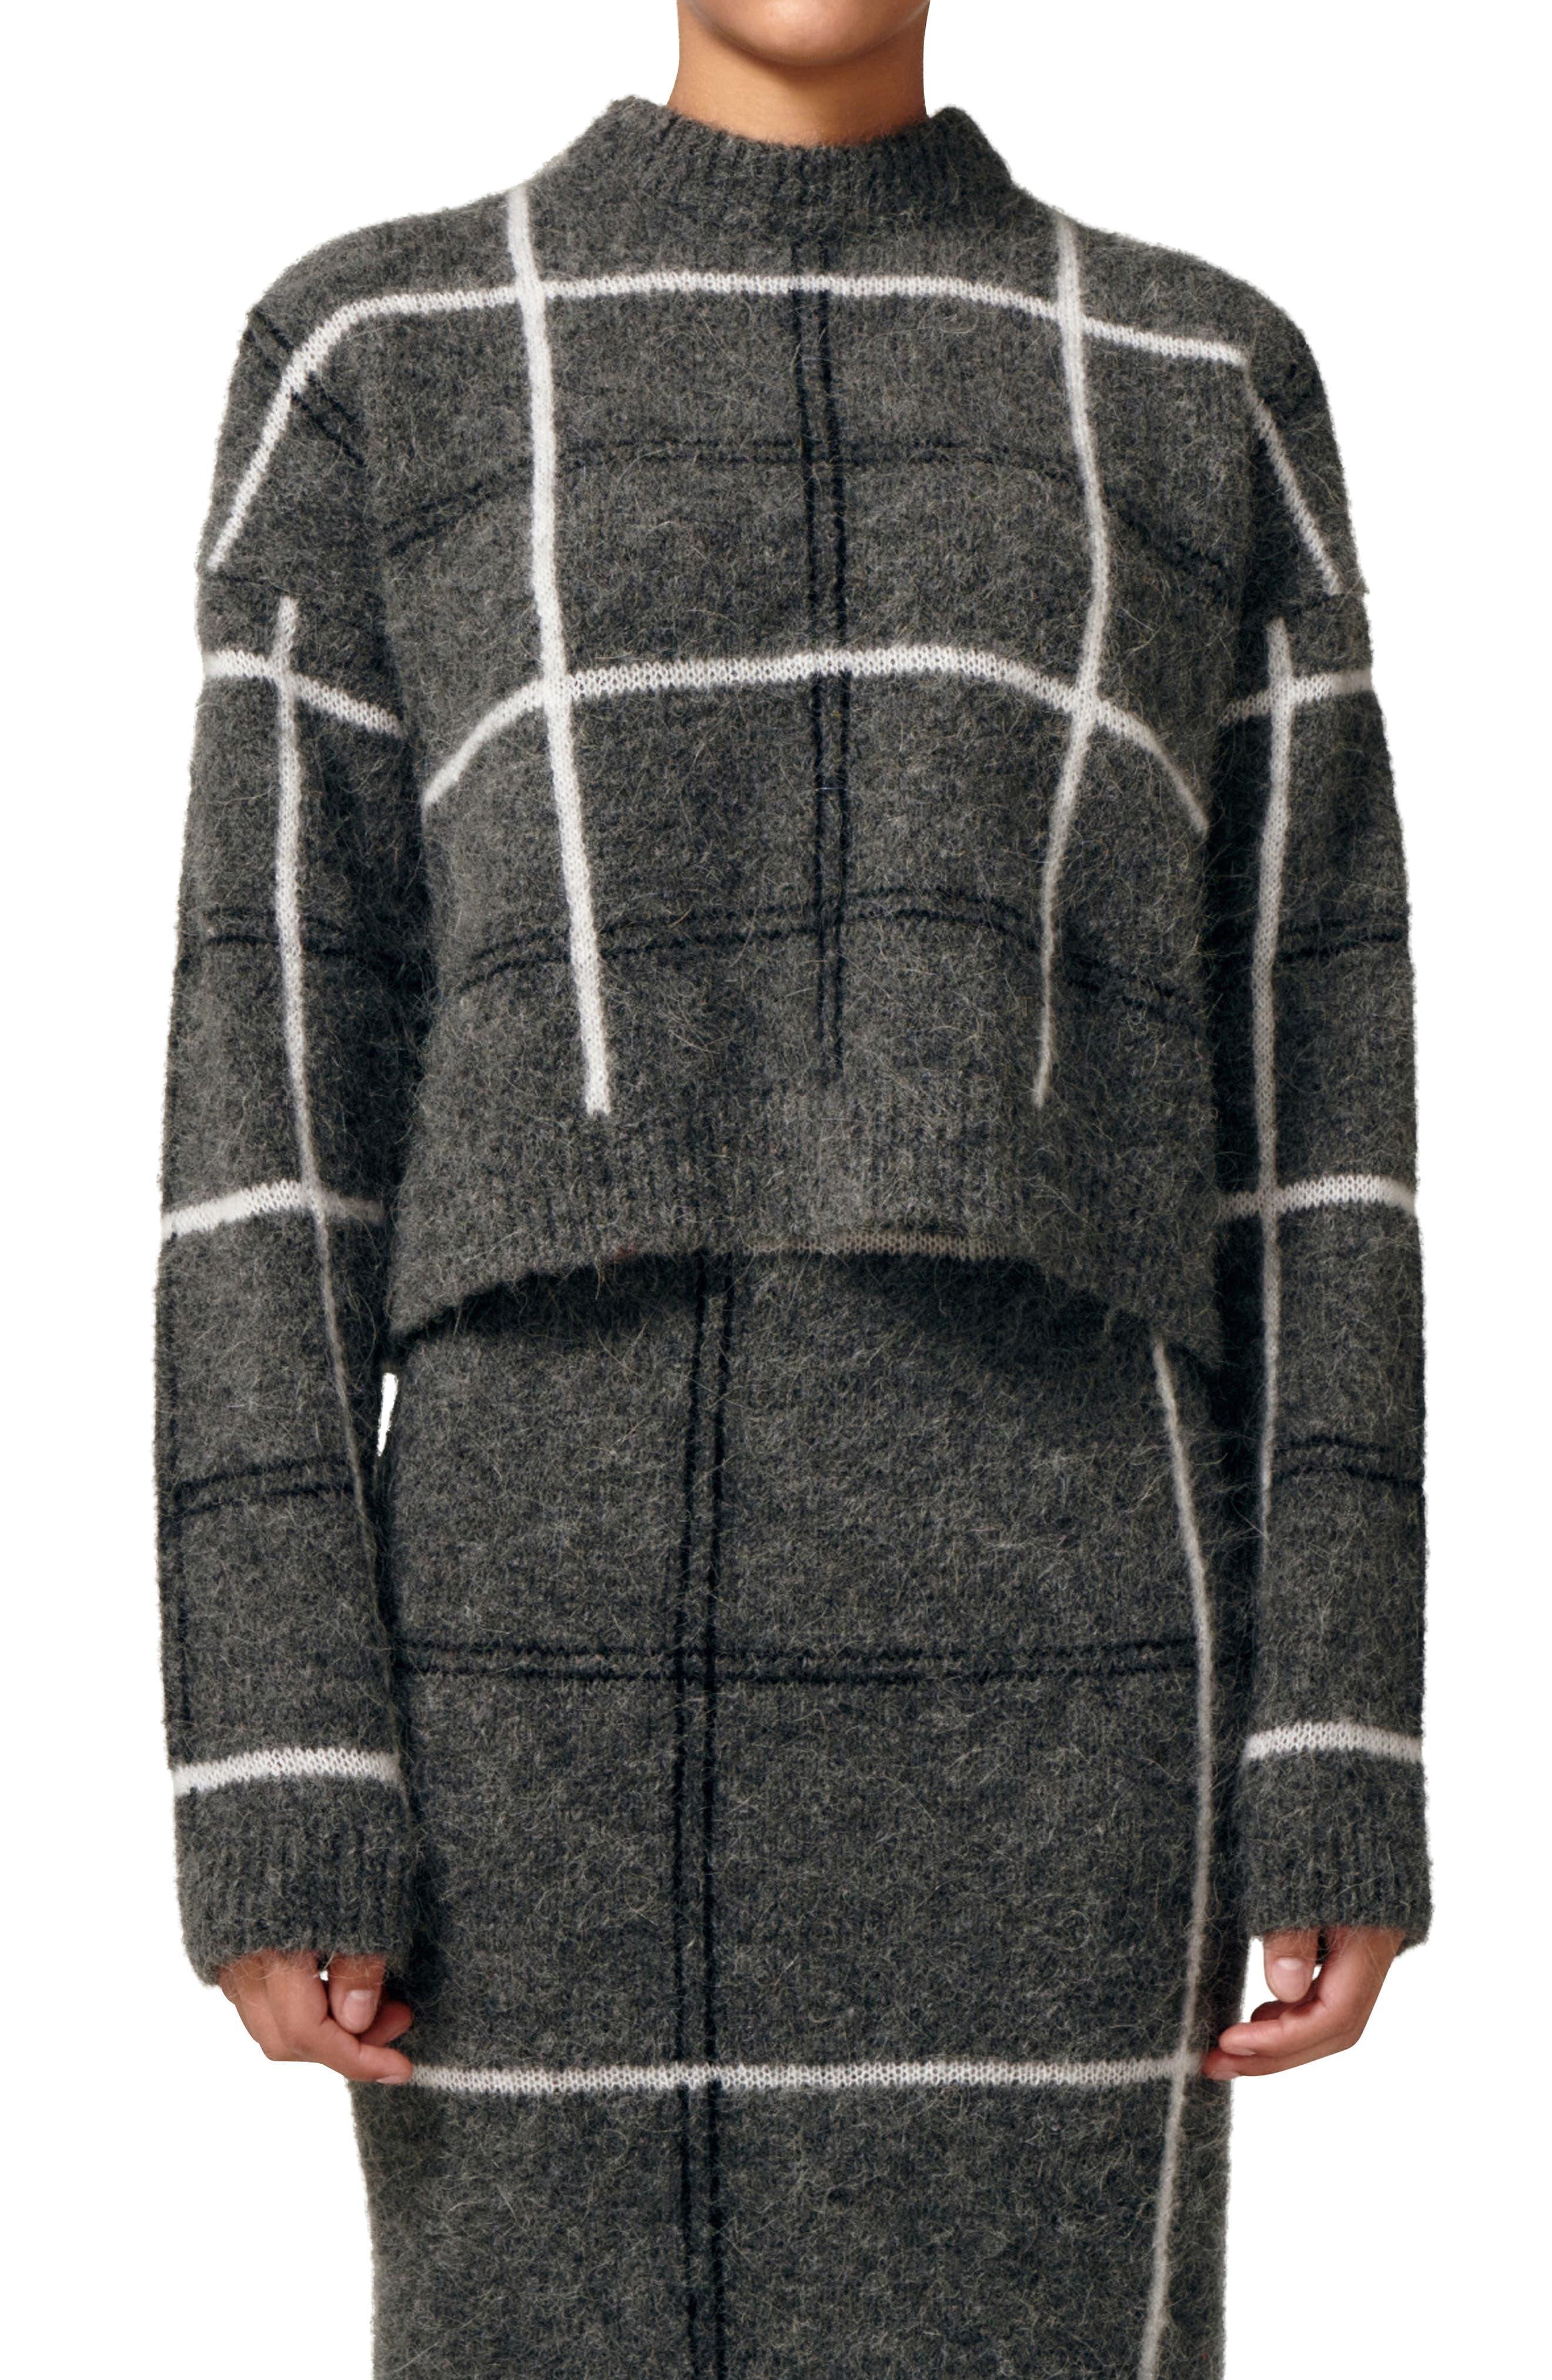 Nurture Manchester Plaid Funnel Neck Alpaca Blend Sweater